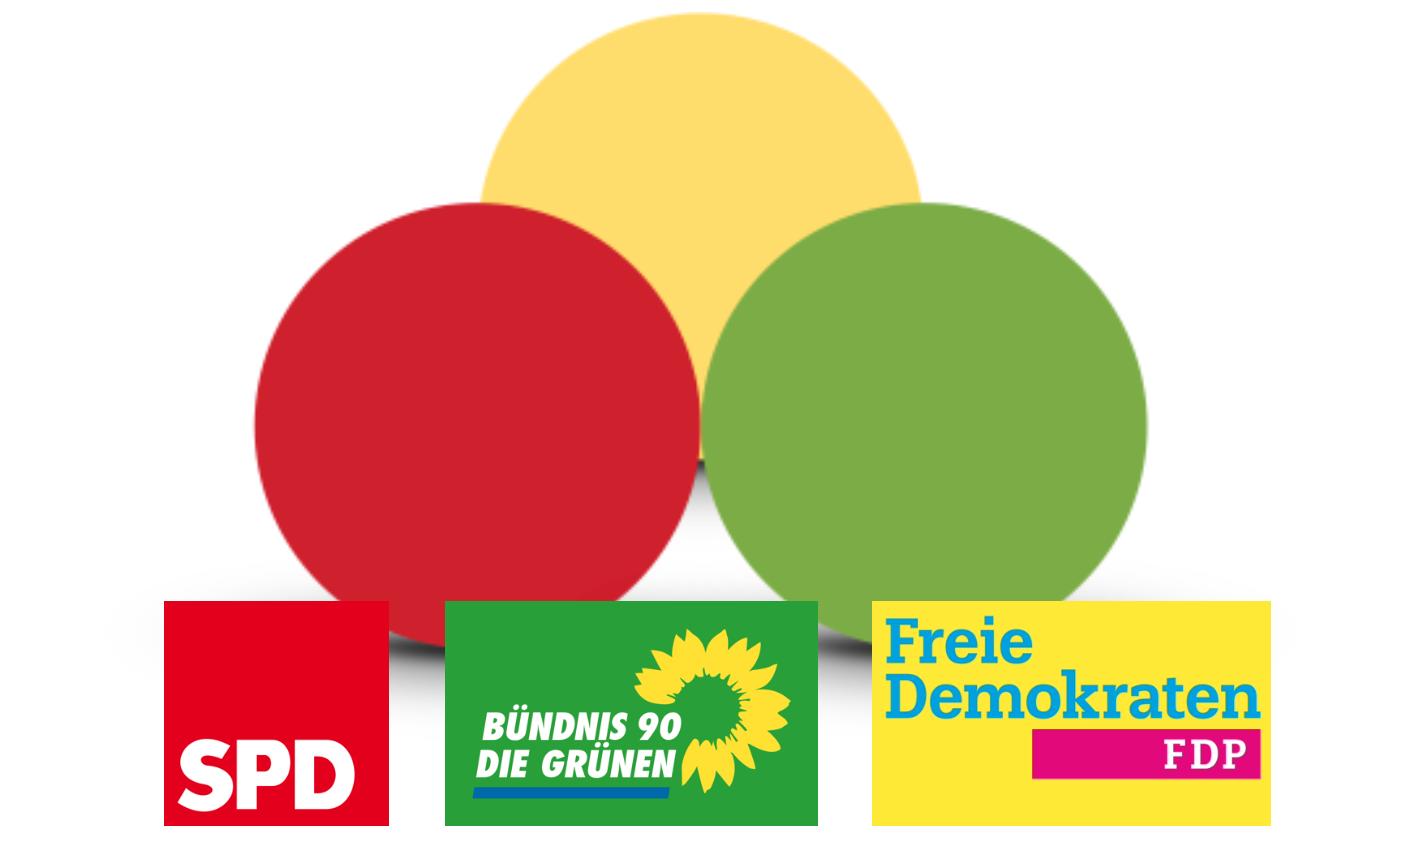 Hervorragende Zusammenarbeit der Ampelkoalition im Goslarer Kreistag seit 2016